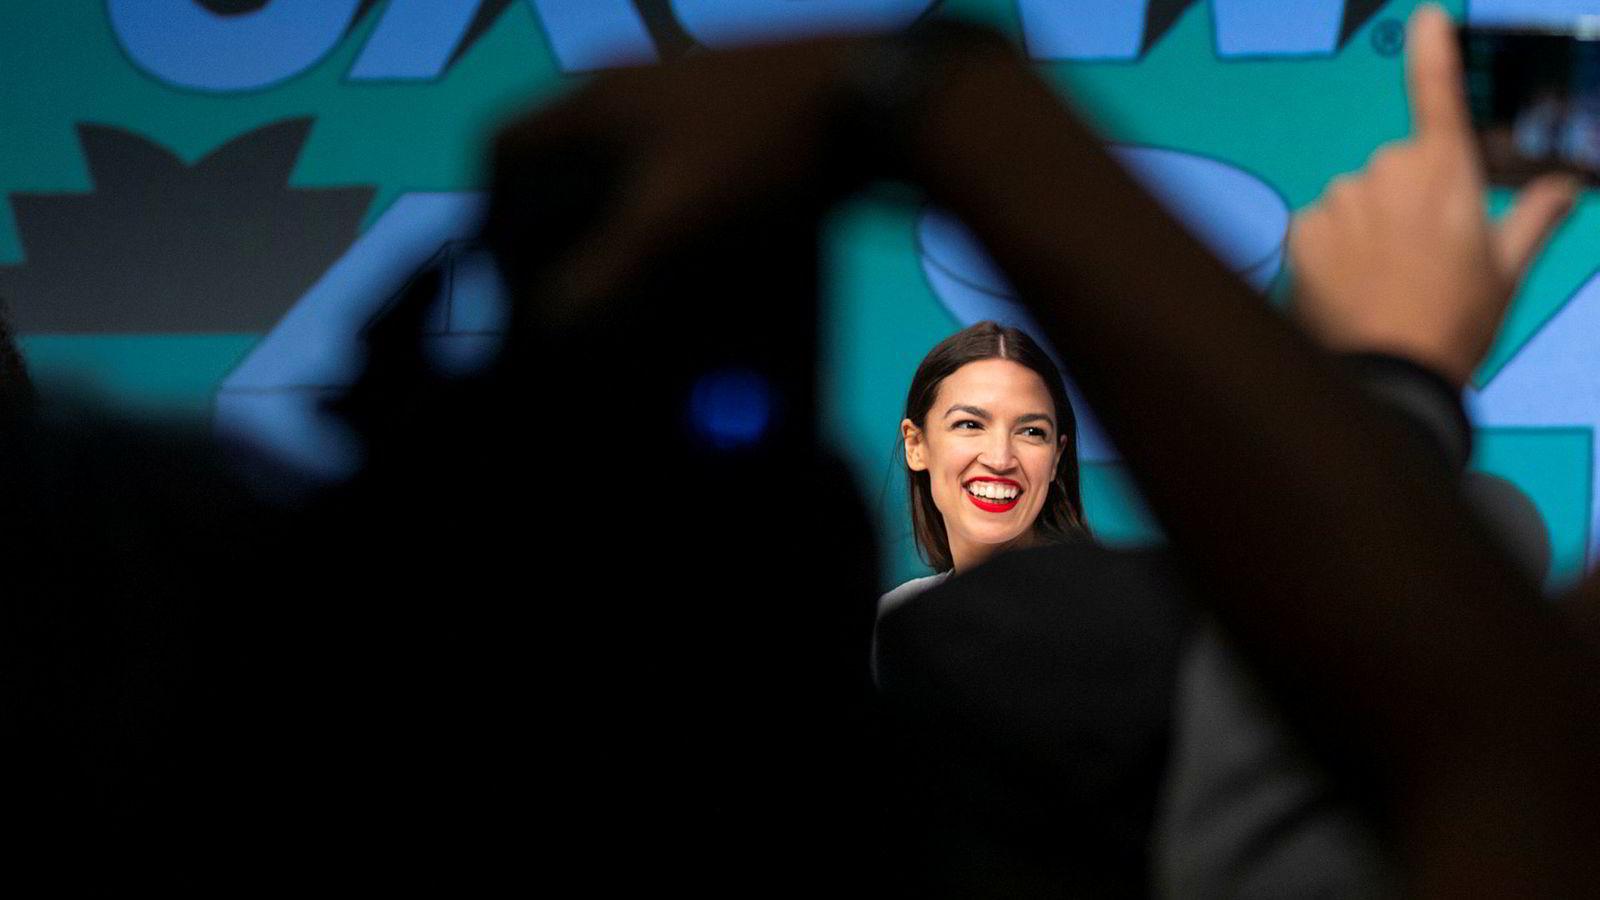 Kongressrepresentant Alexandria Ocasio-Cortez er på få måneder blitt en av de mest omtalte politikerne i USA og distanserer seg både bra pengeeliten og etablerte politikere. Lørdag kom hun til South by Southwest i Austin.